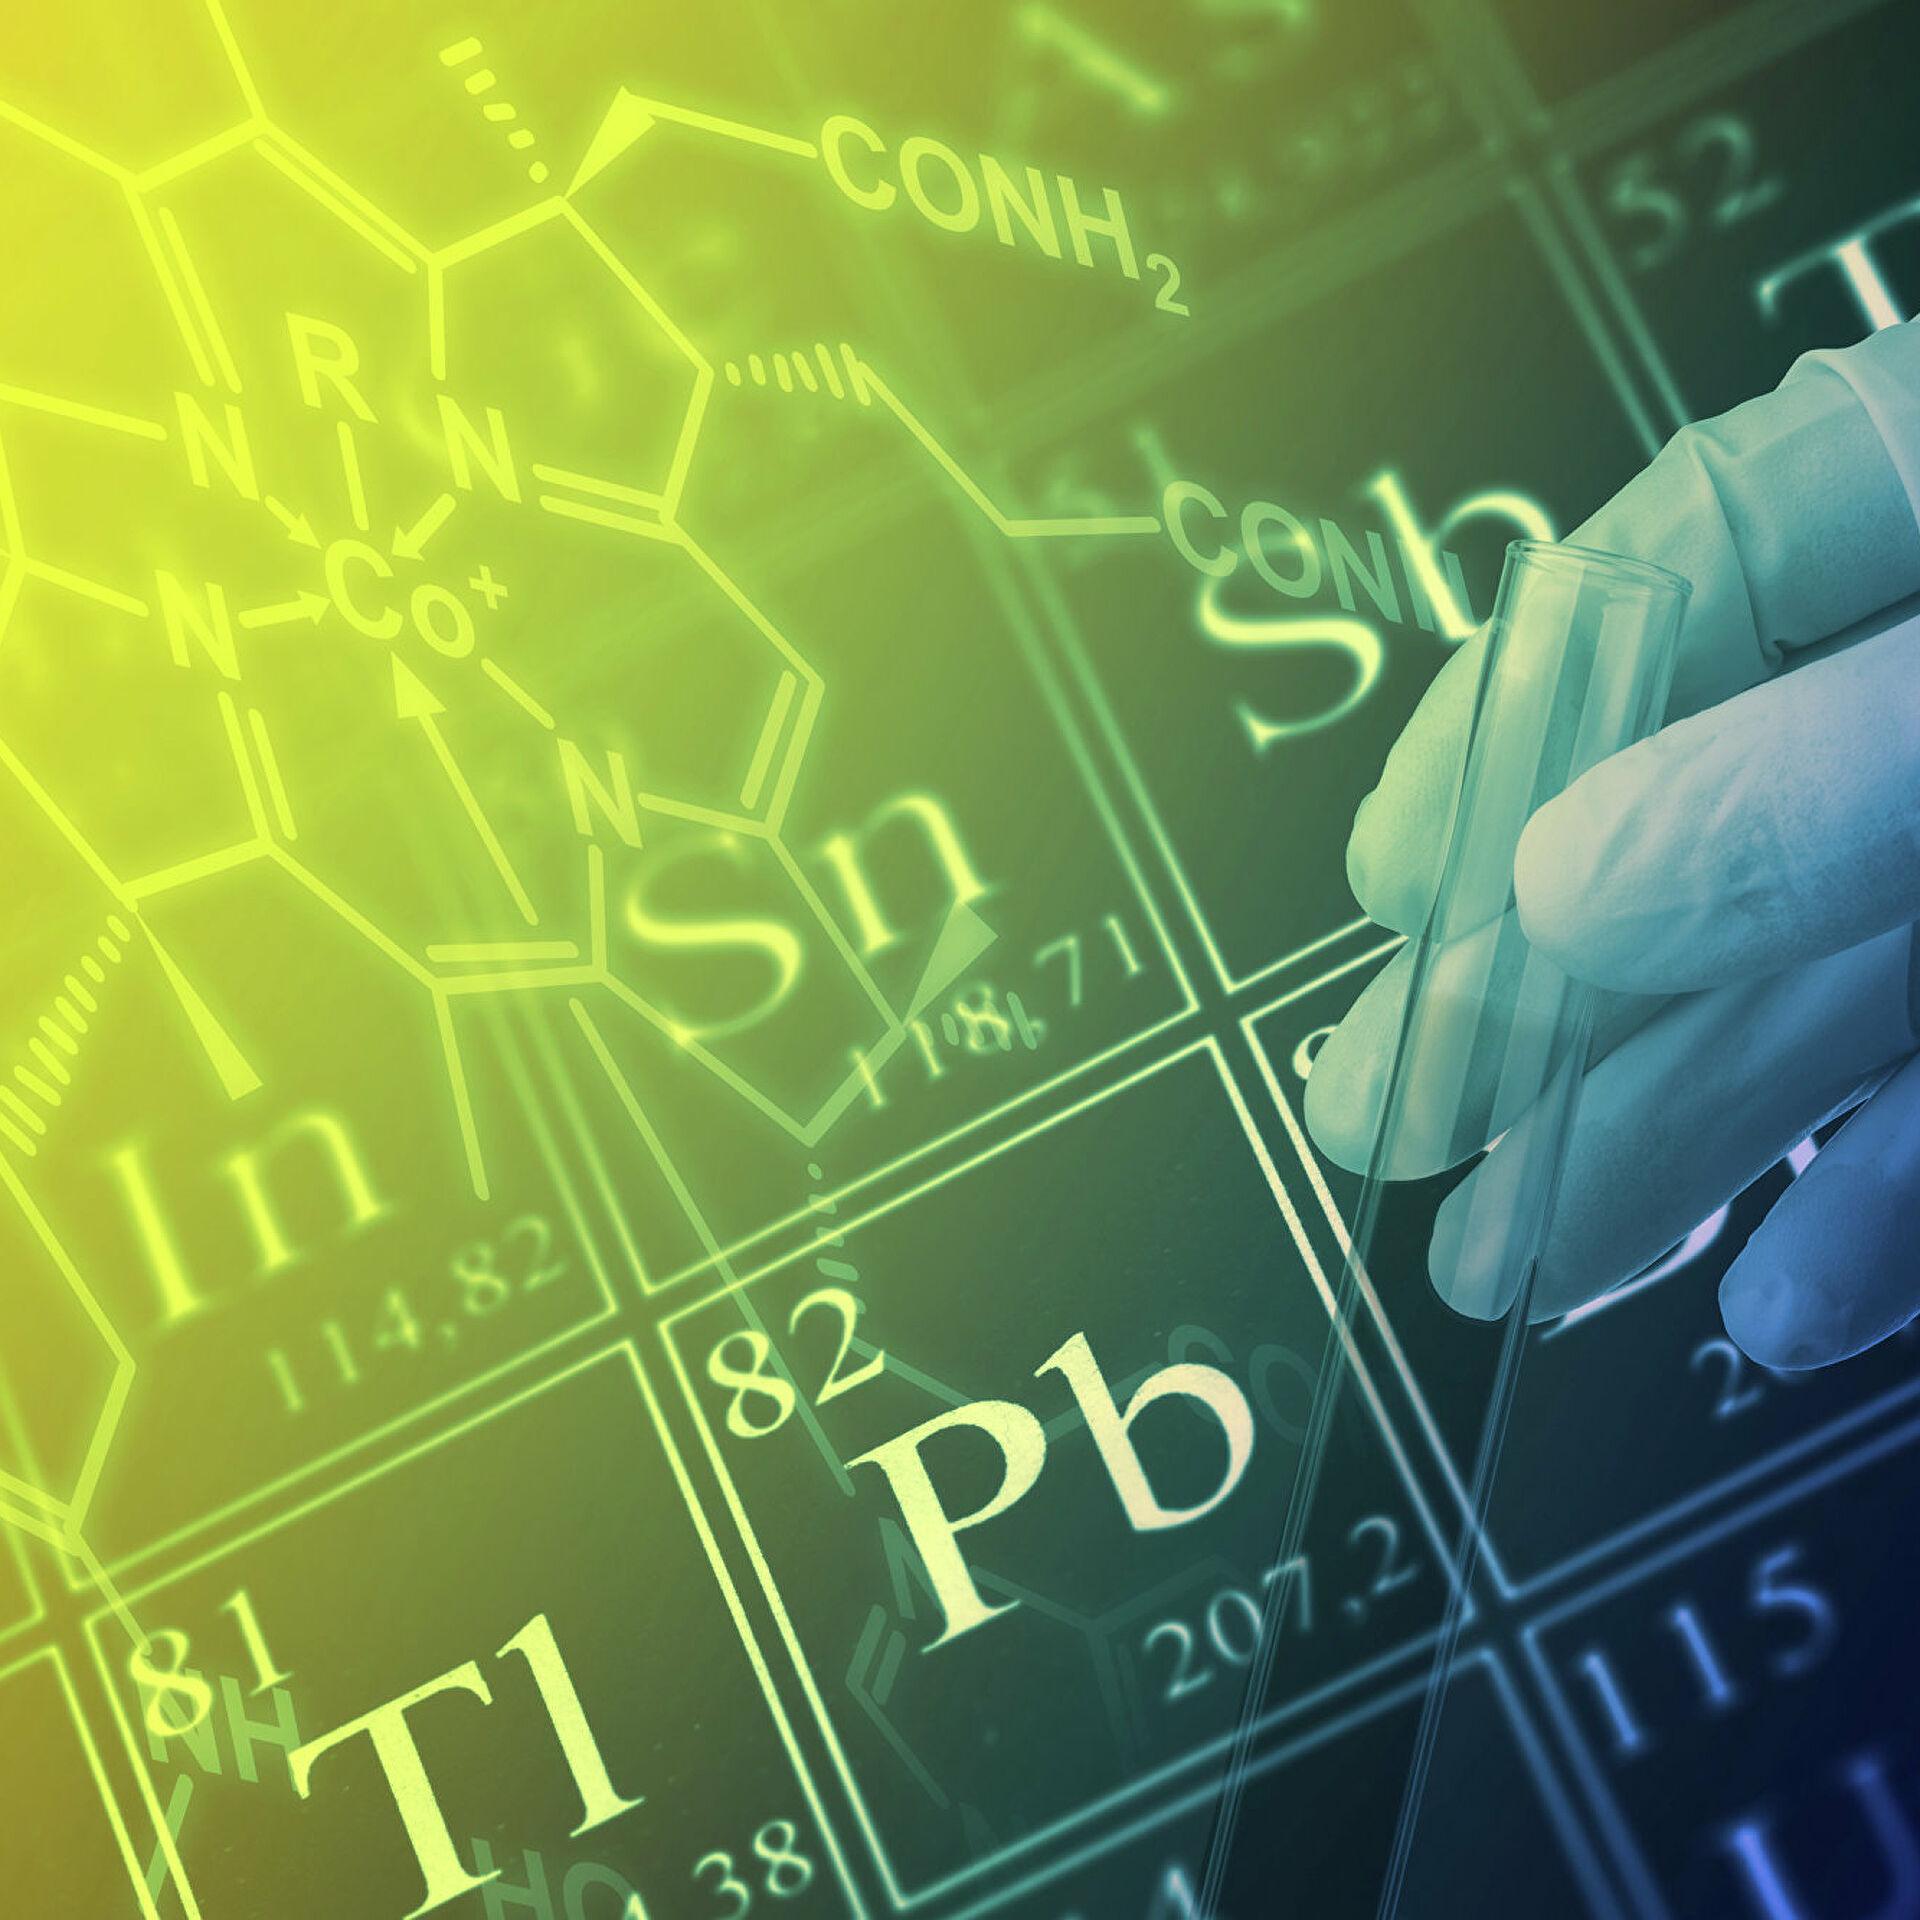 Радиоактивный газ радон ‒ доступными словами